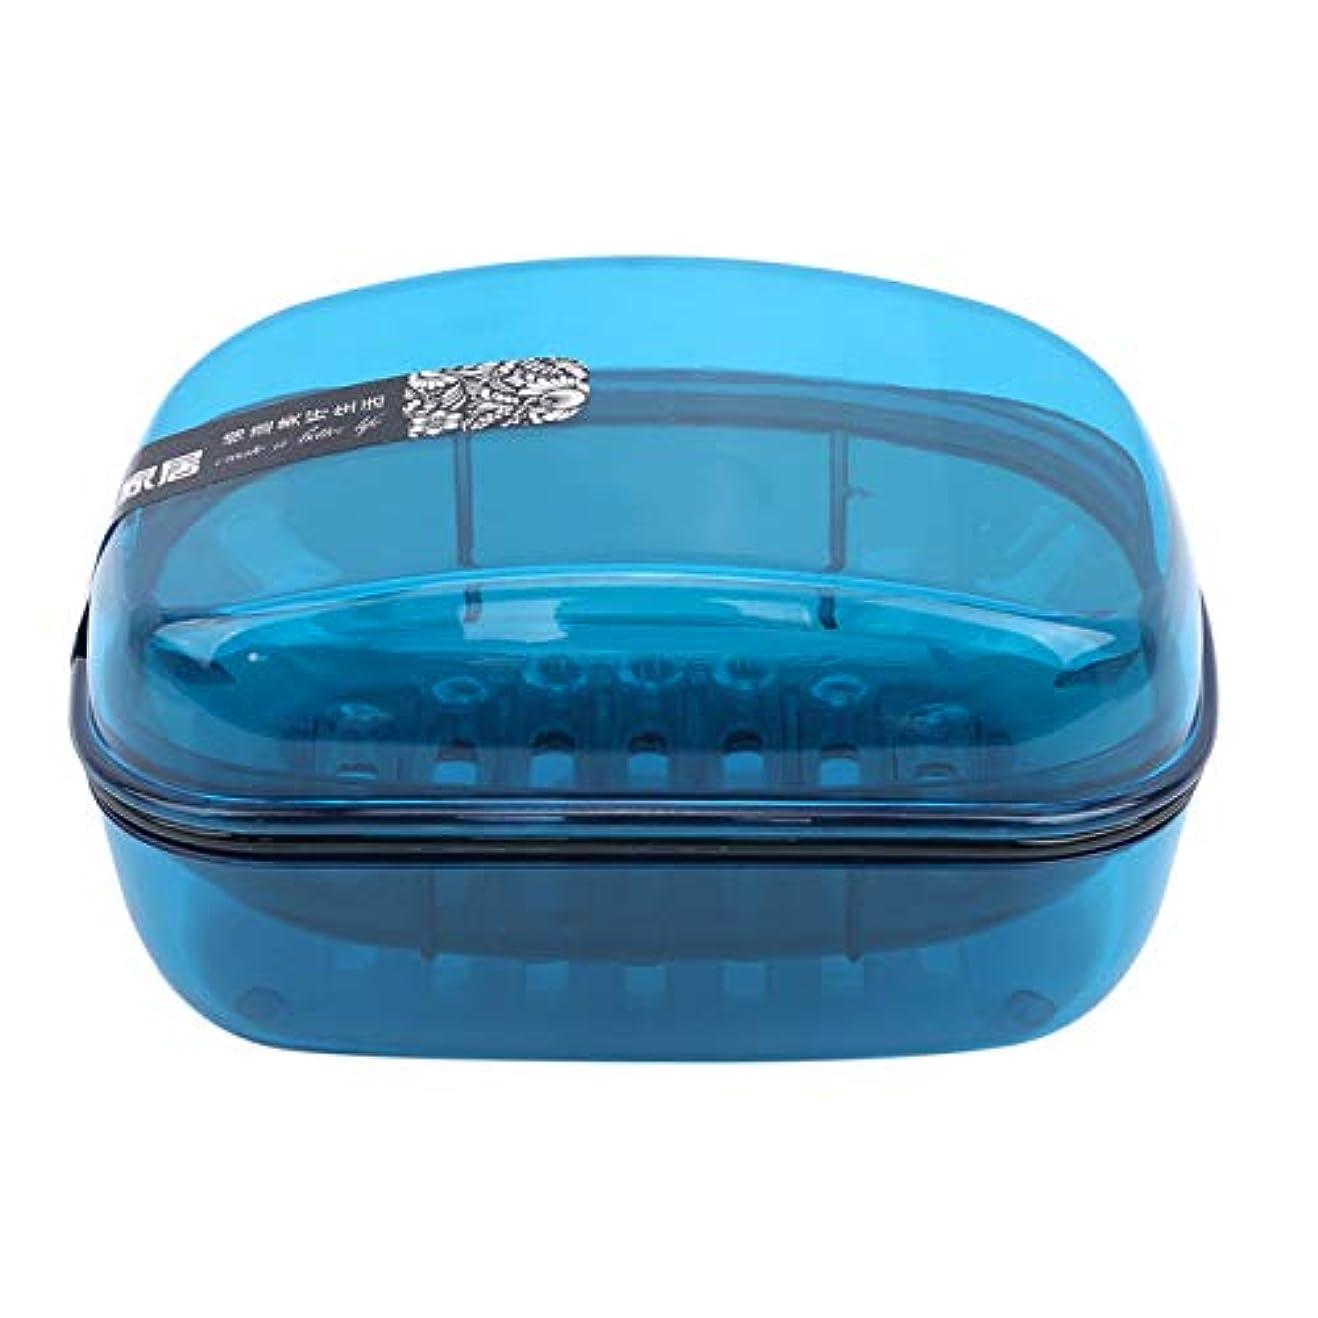 カイウス機関申し立てZALING石鹸収納ボックス皿バスルームアクセサリーソープボックスケースホルダー付きカバーブルー